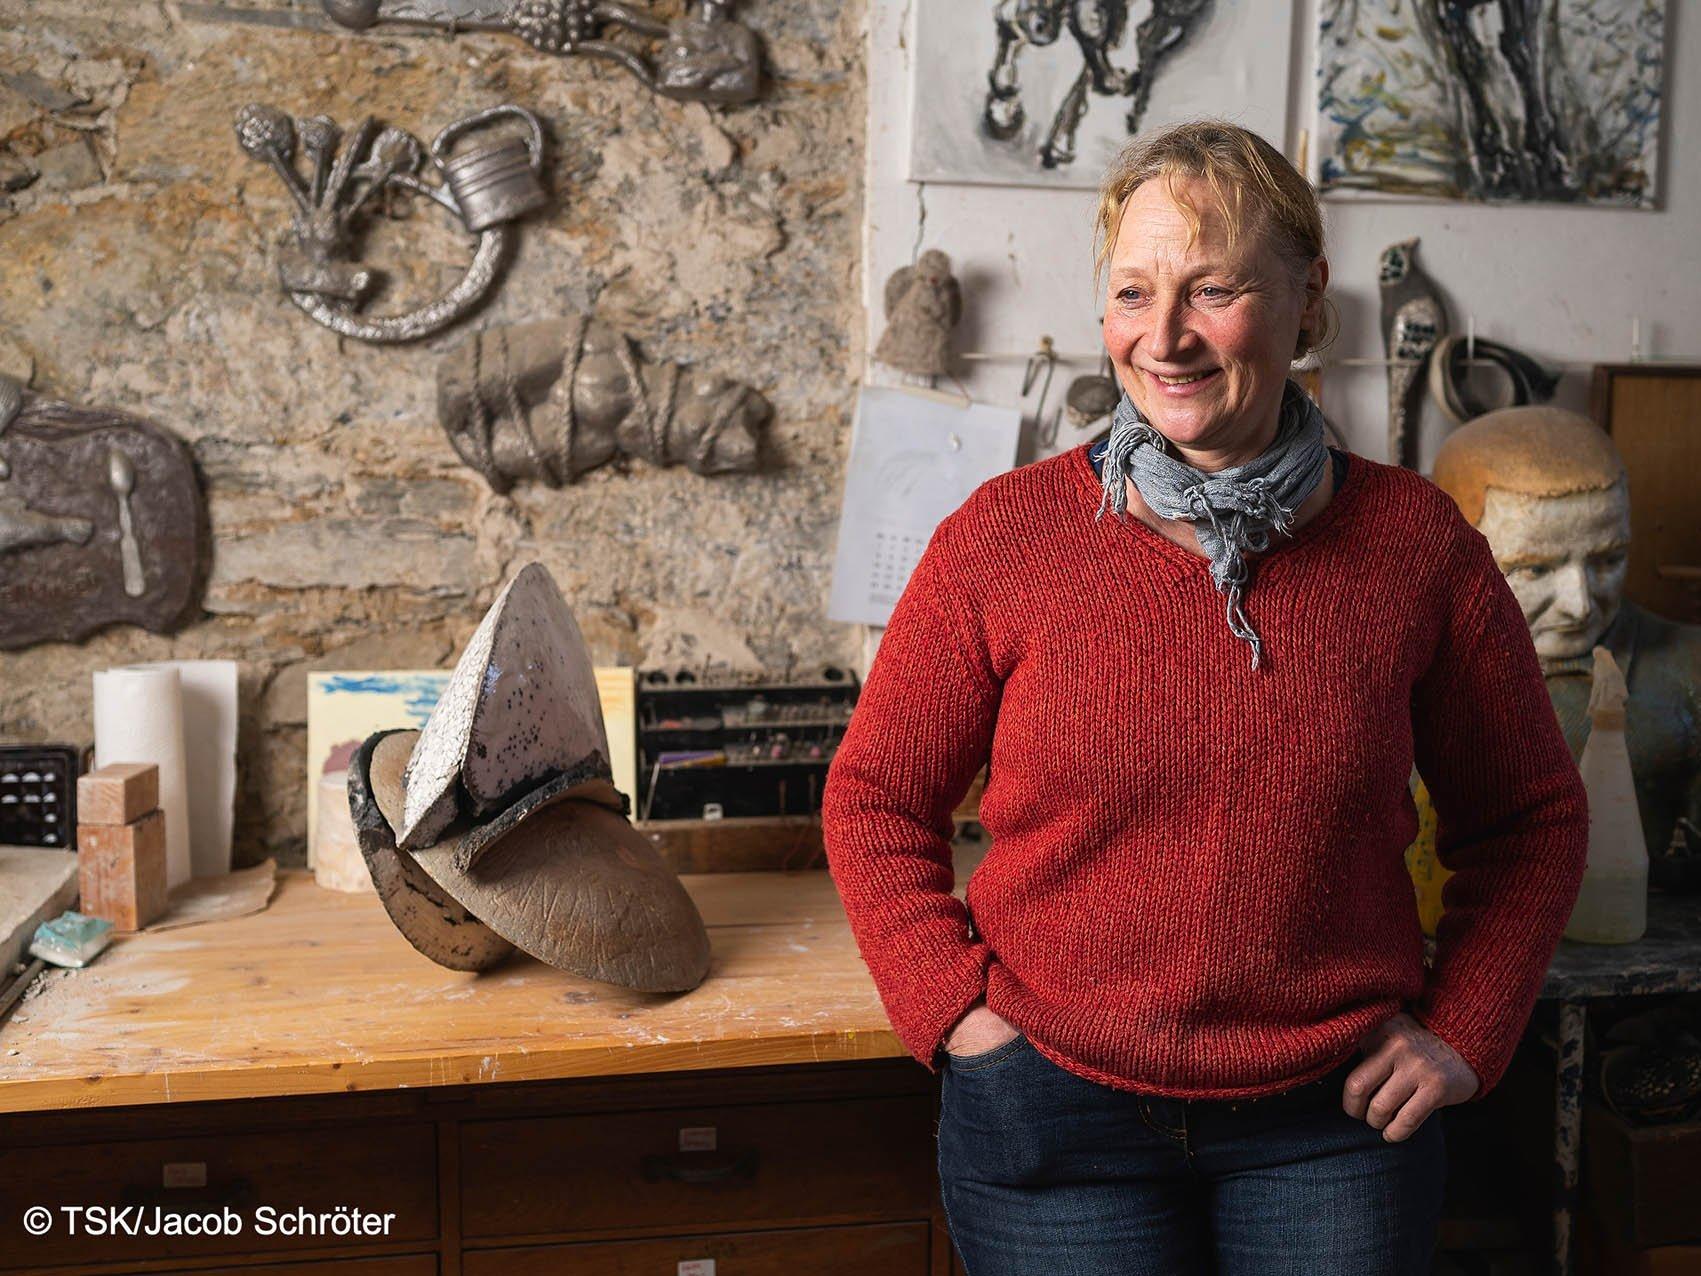 Die Künstlerin Sylvia Bohlen in ihrem Atelier.